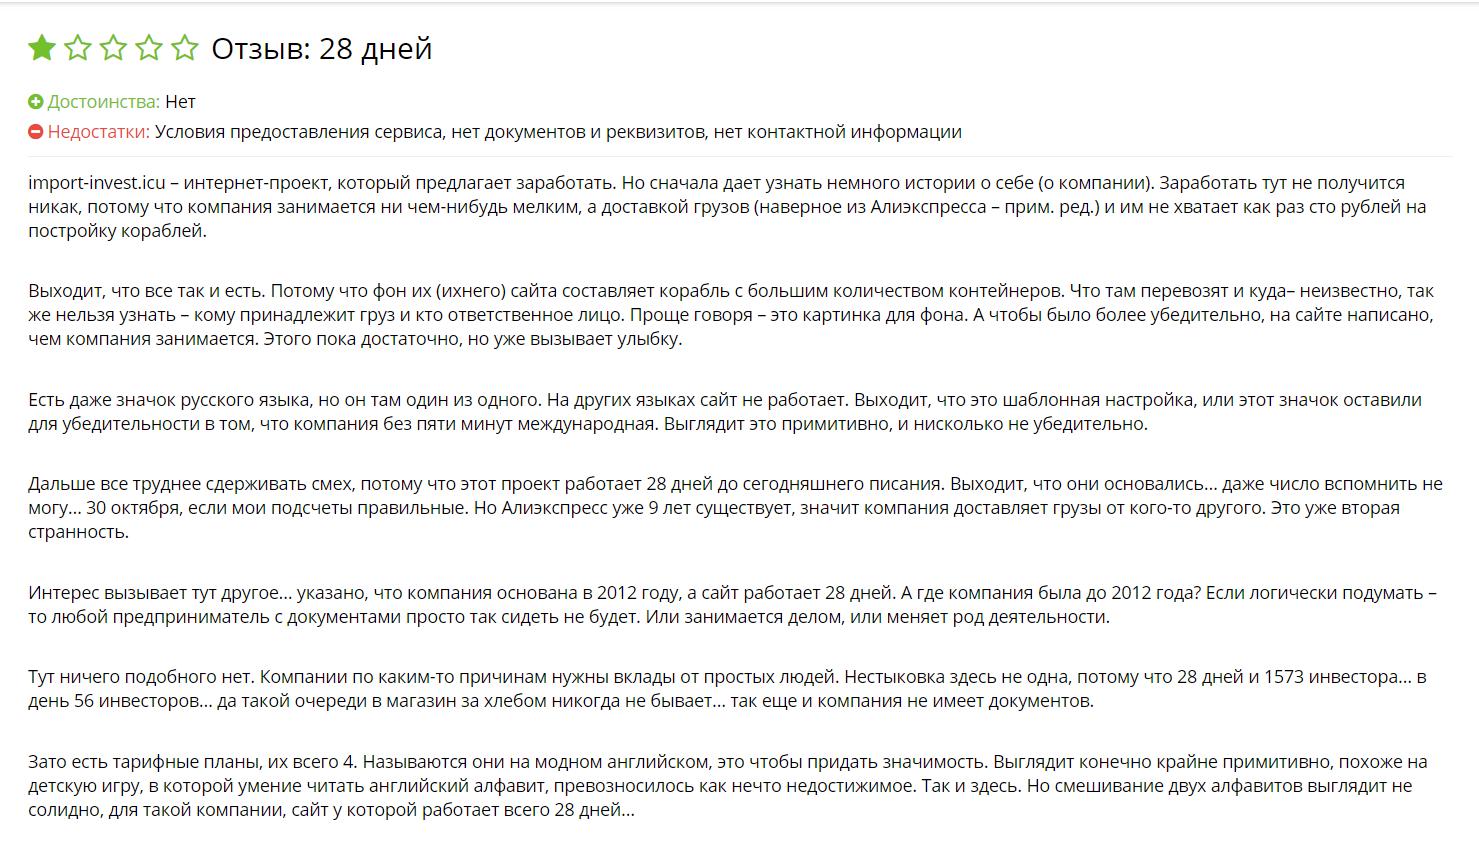 Реальный отзывы об import-invest.icu